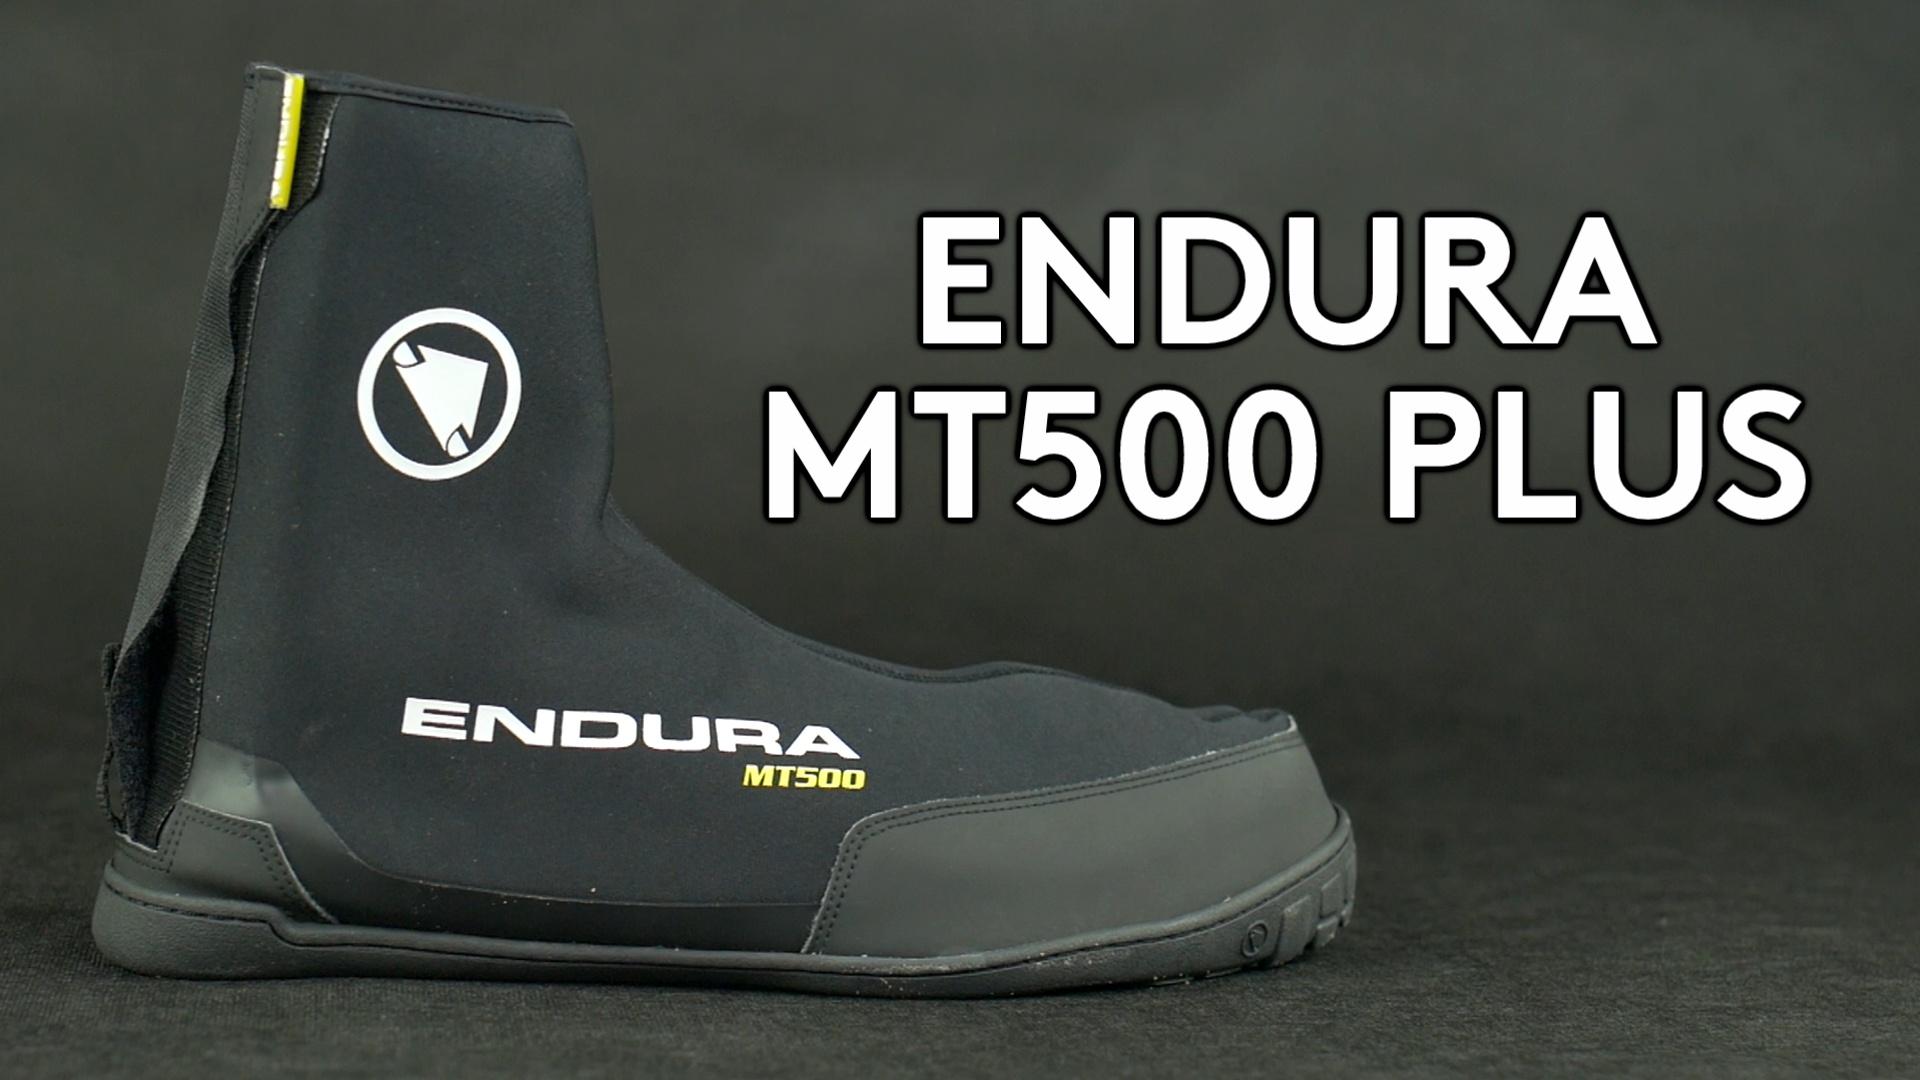 Ochraniacze na buty Endura MT500 Plus